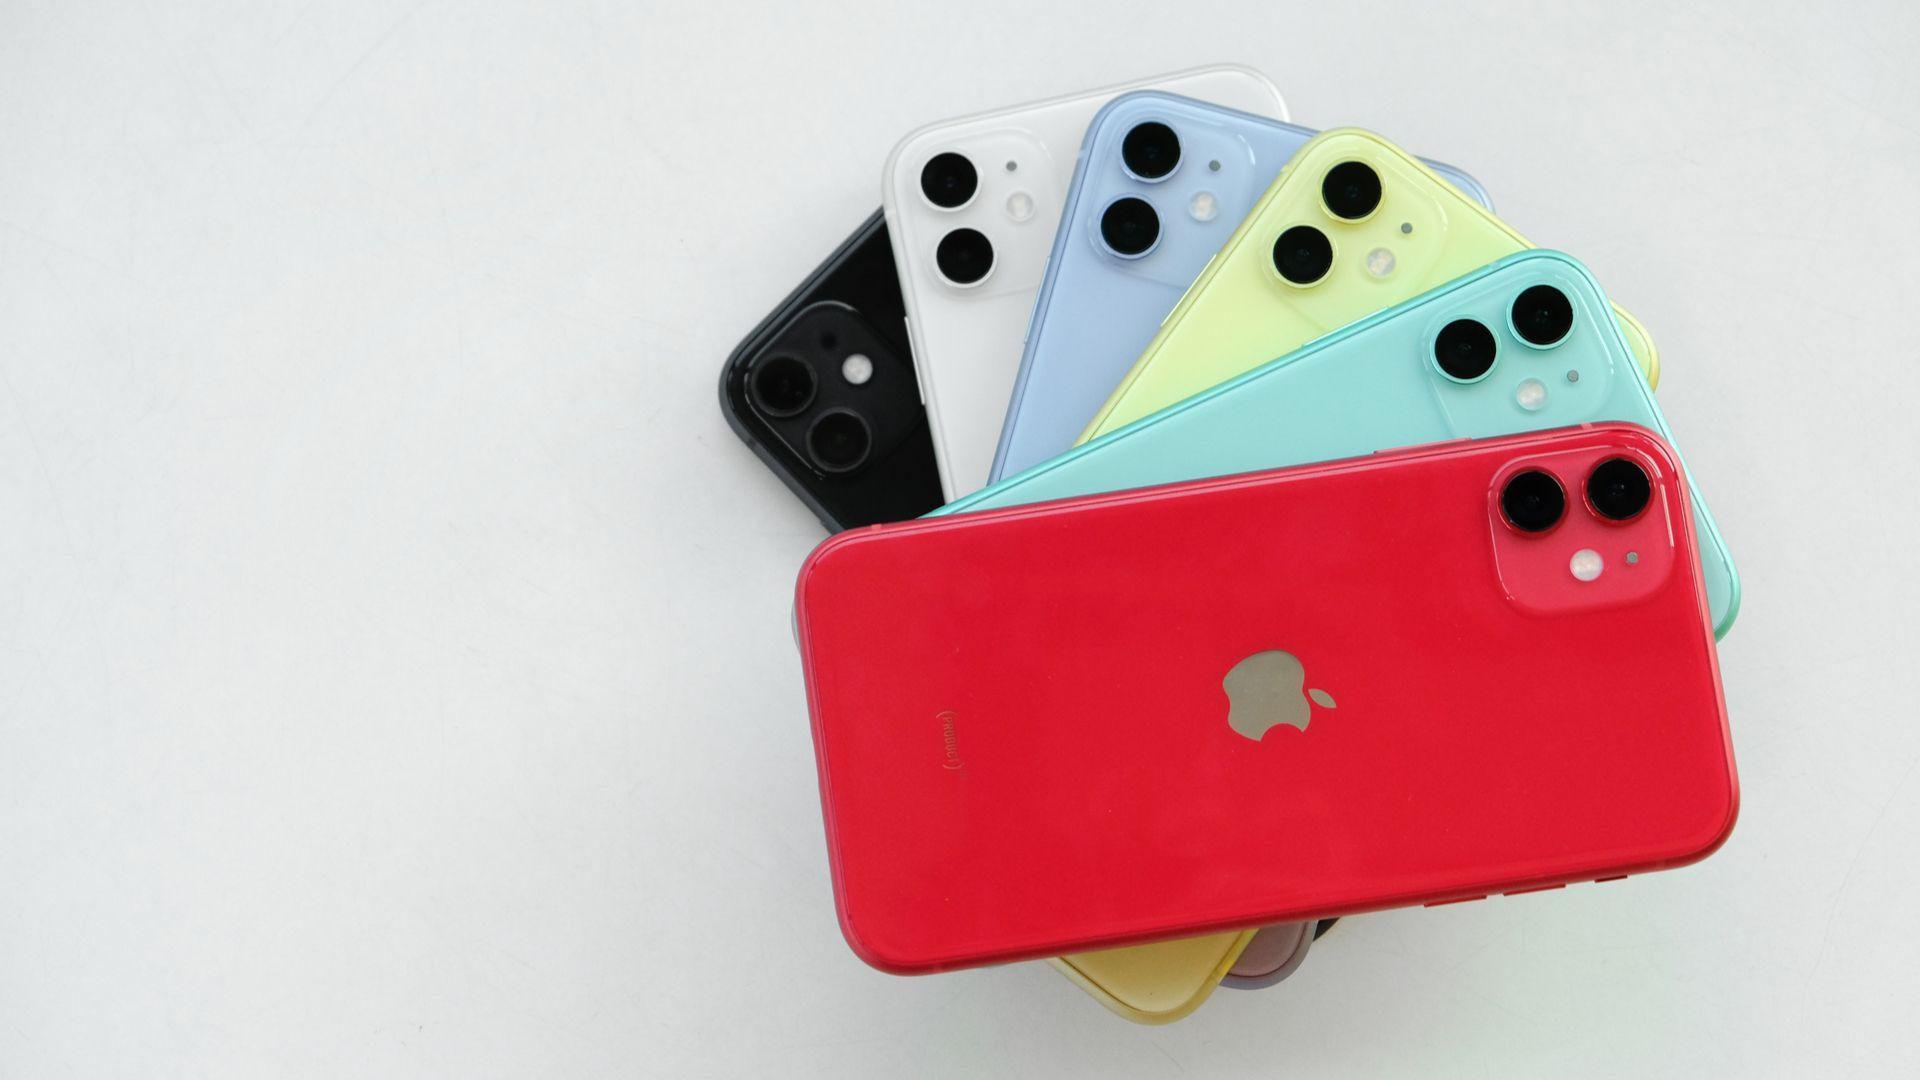 iPhone 11 está disponível em seis opções de cores. (Imagem: Framesira/Shutterstock)